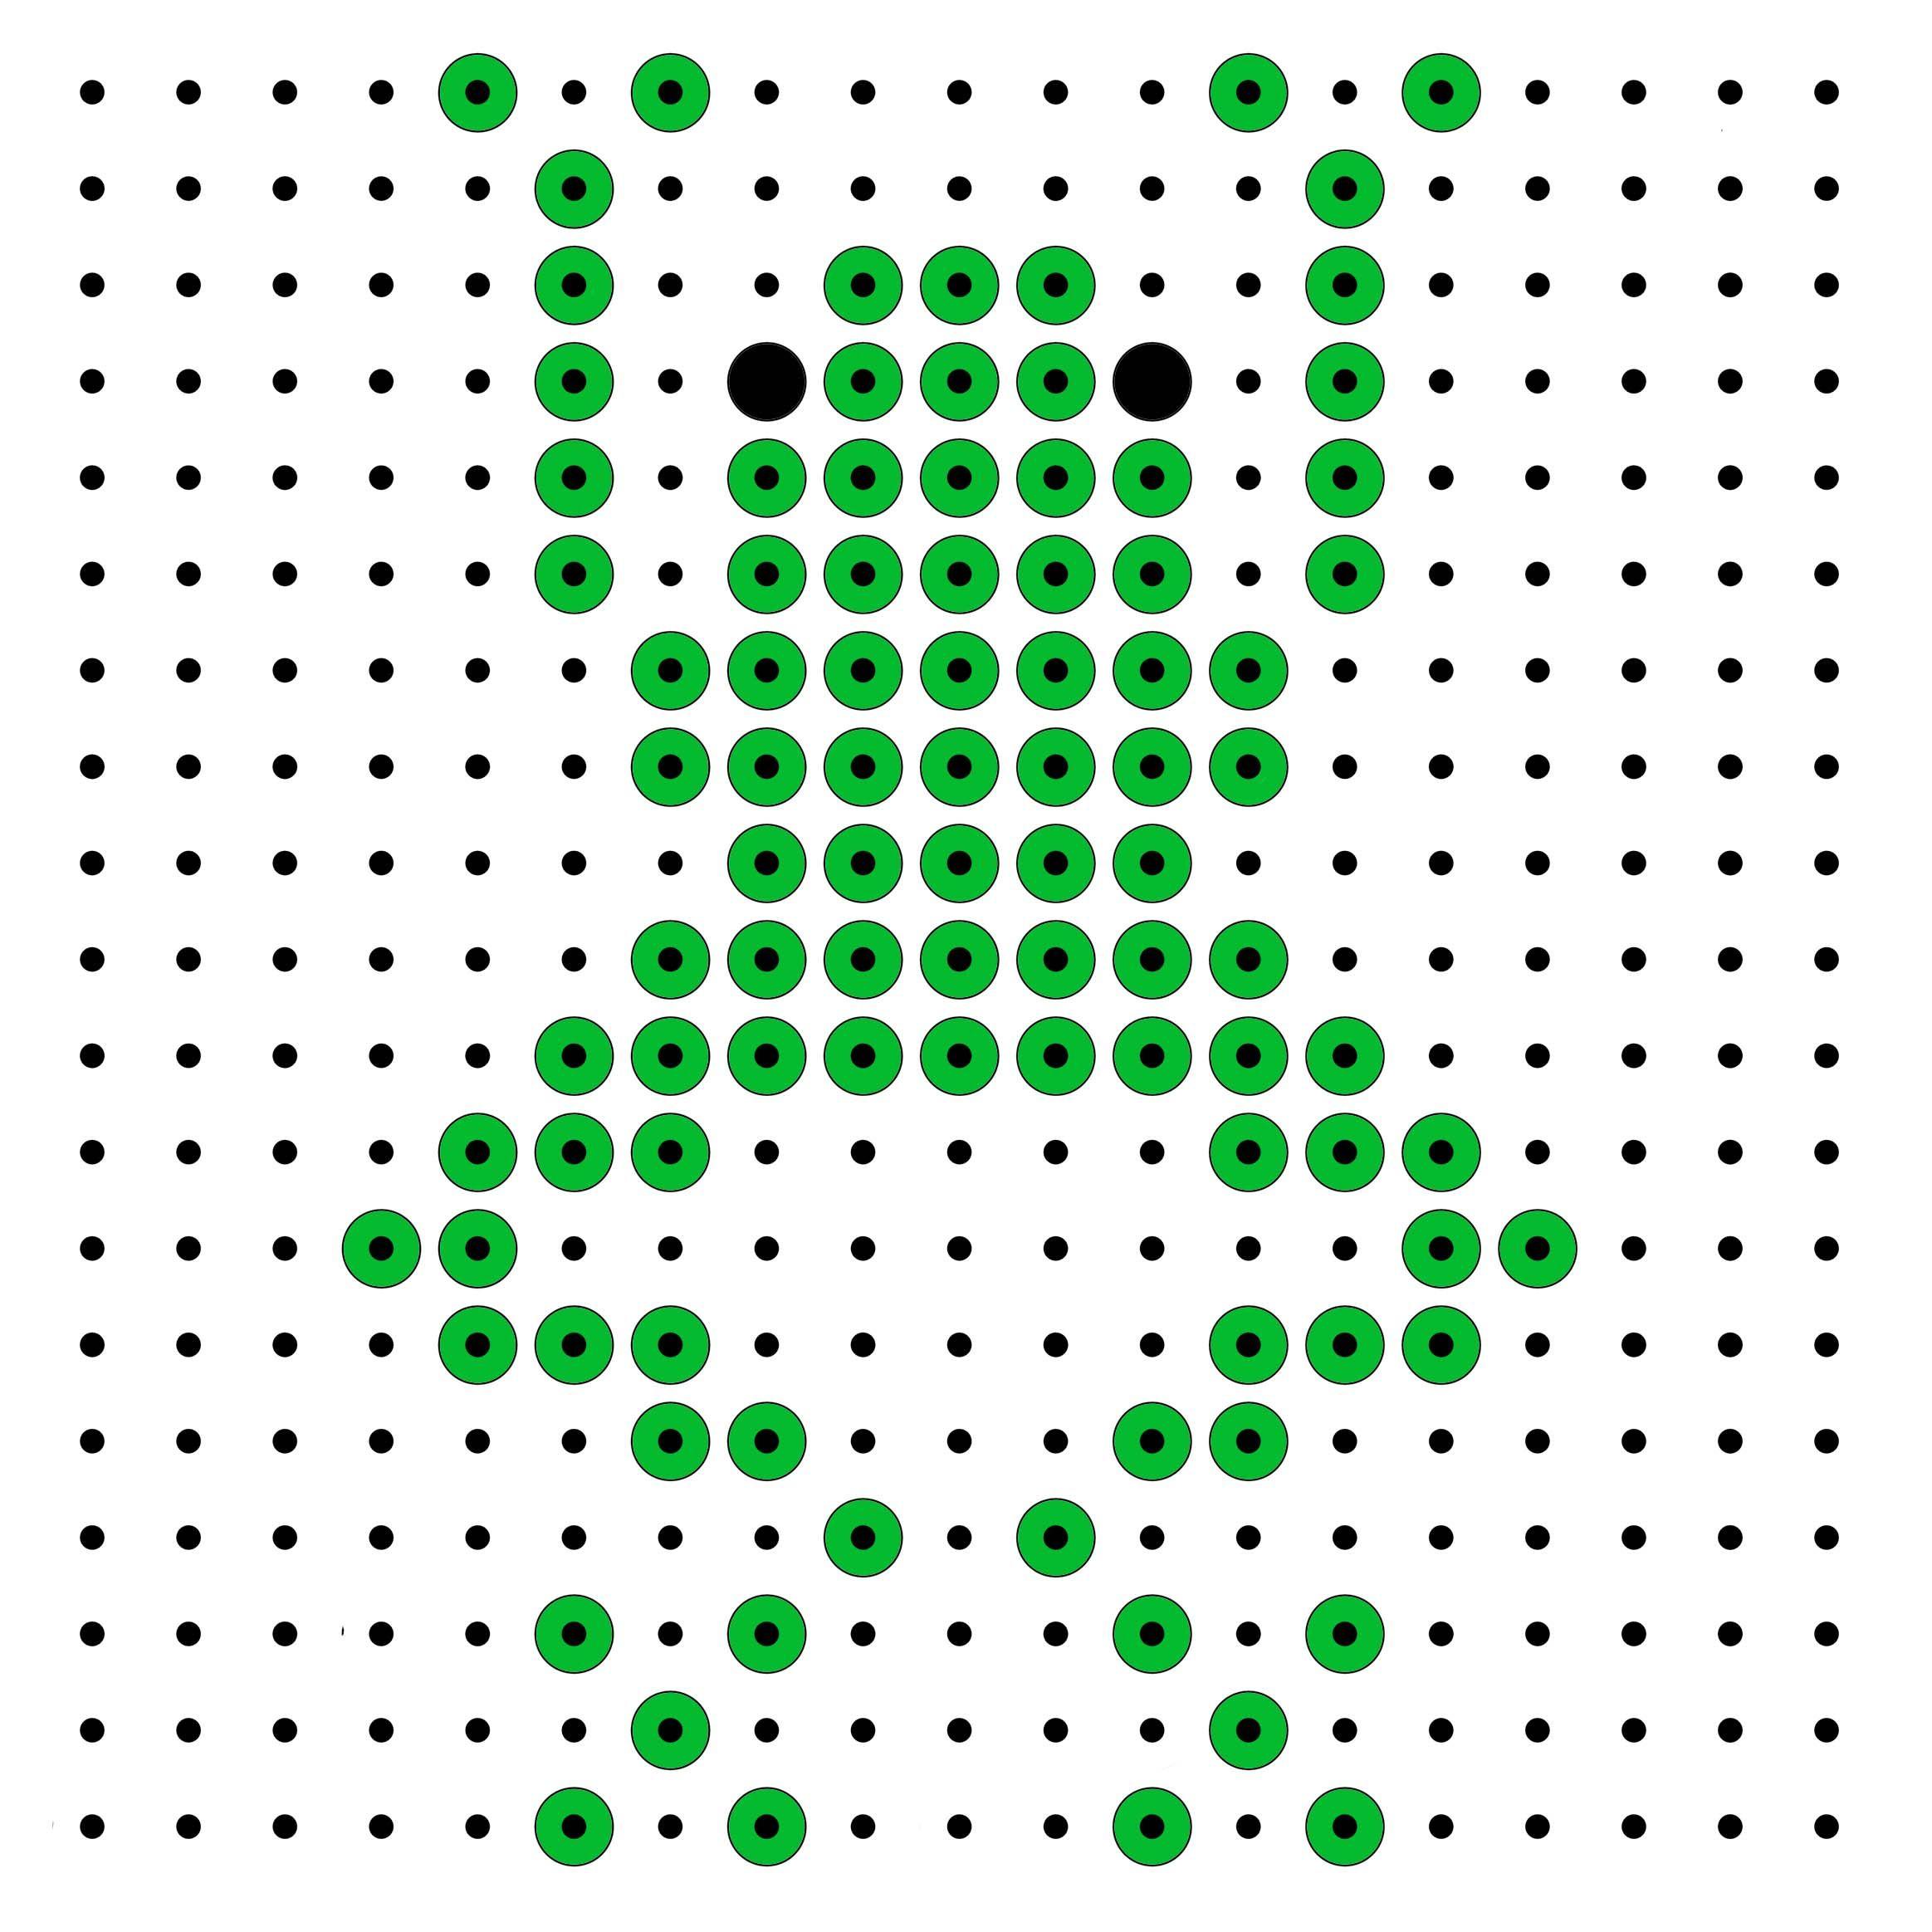 Thema lente kleuters | Juf Anke lesidee | Matematik ideer krea | Pinterest | Matematik og Ideer